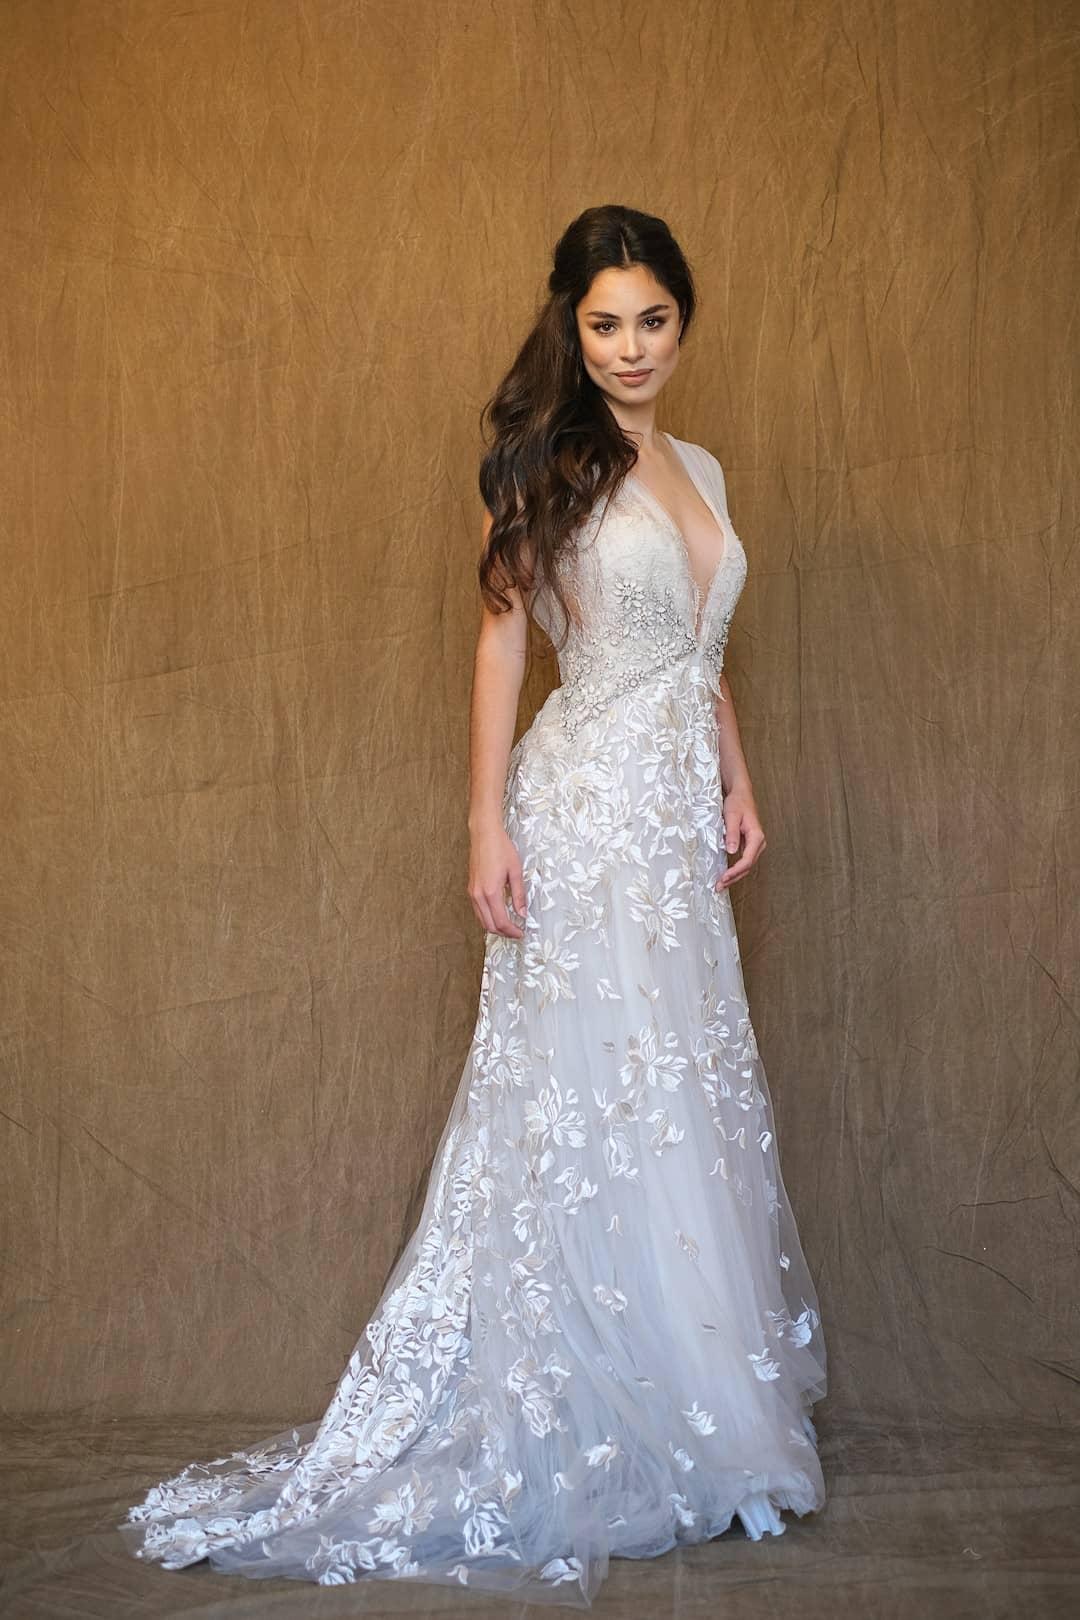 Romantisches Hochzeitskleid - Marco&Maria - 2017-1017- front